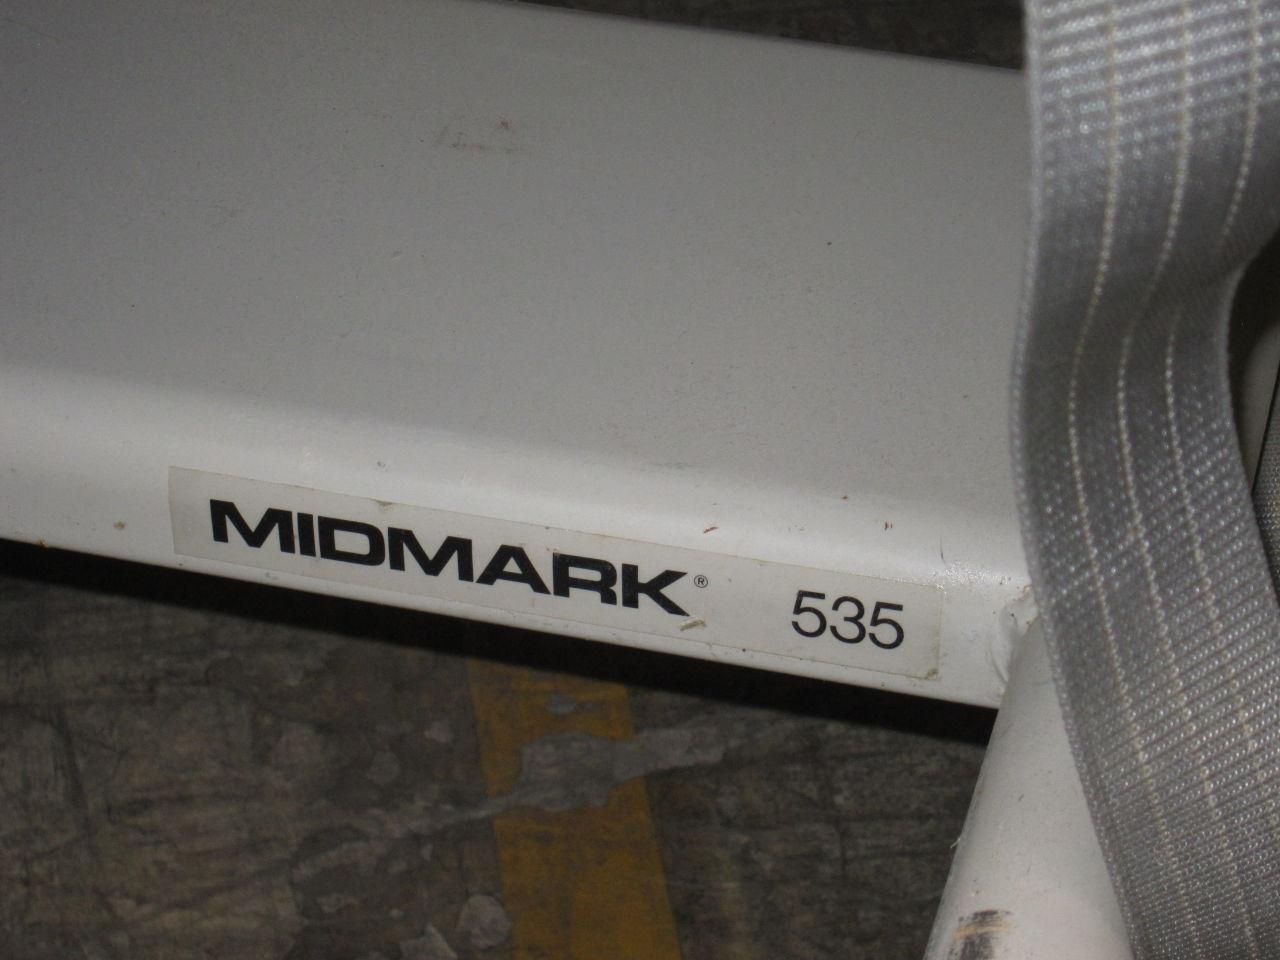 MIDMARK 535 Stretcher